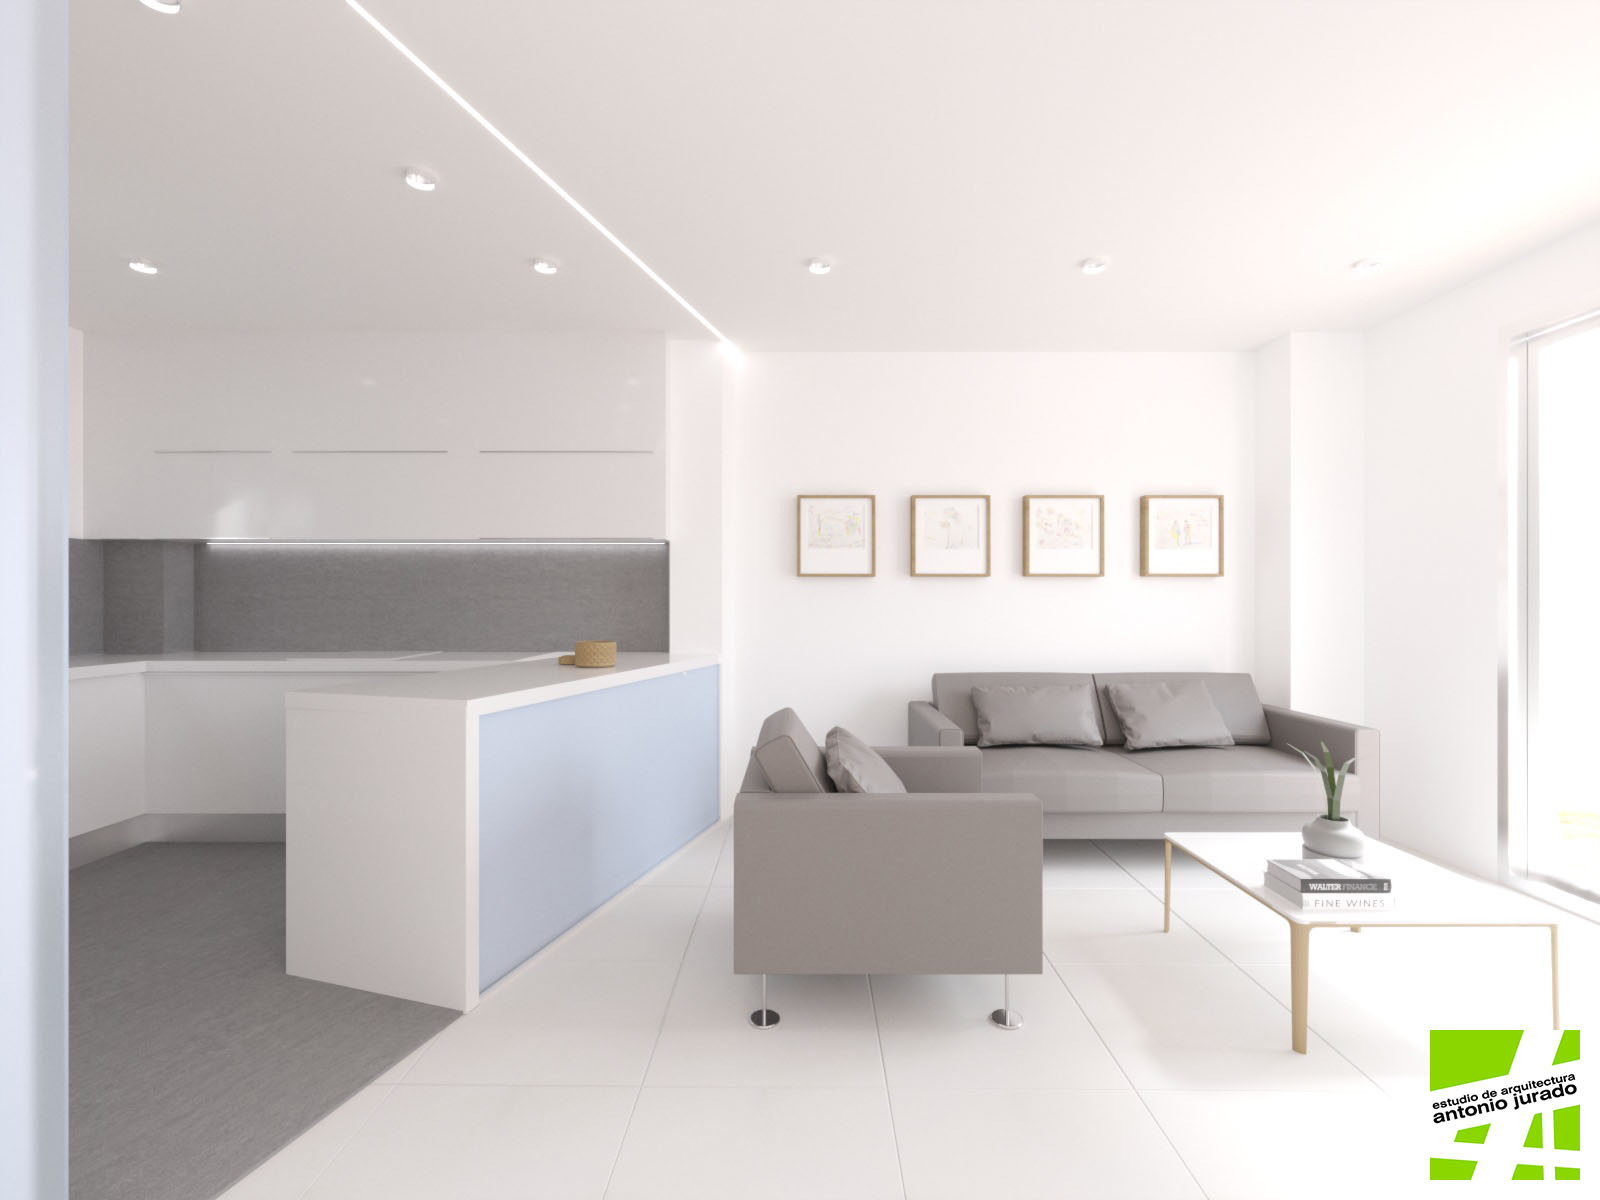 apartamento-mj-reforma-urbanizacion-torrox-park-torrox-malaga-antonio-jurado-arquitecto-06